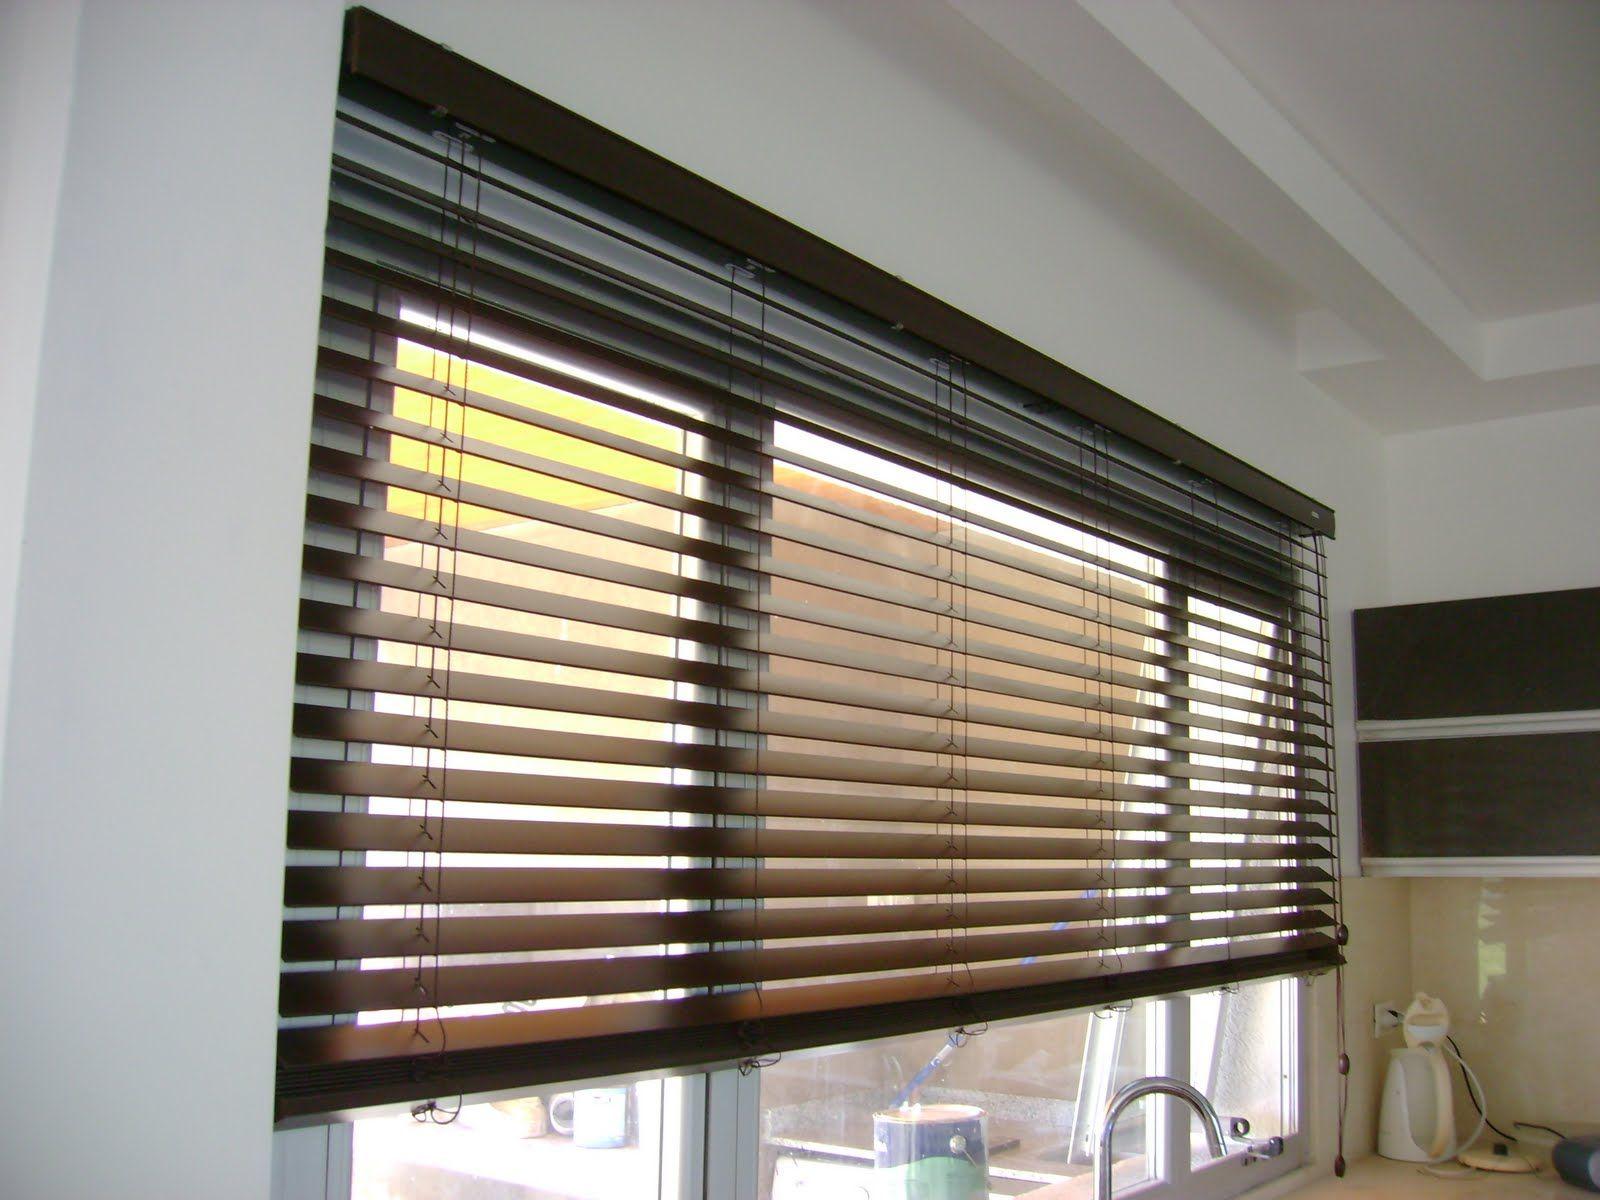 Cortina veneciana de lamas horizontales en madera o for Ventanas de aluminio para cocina